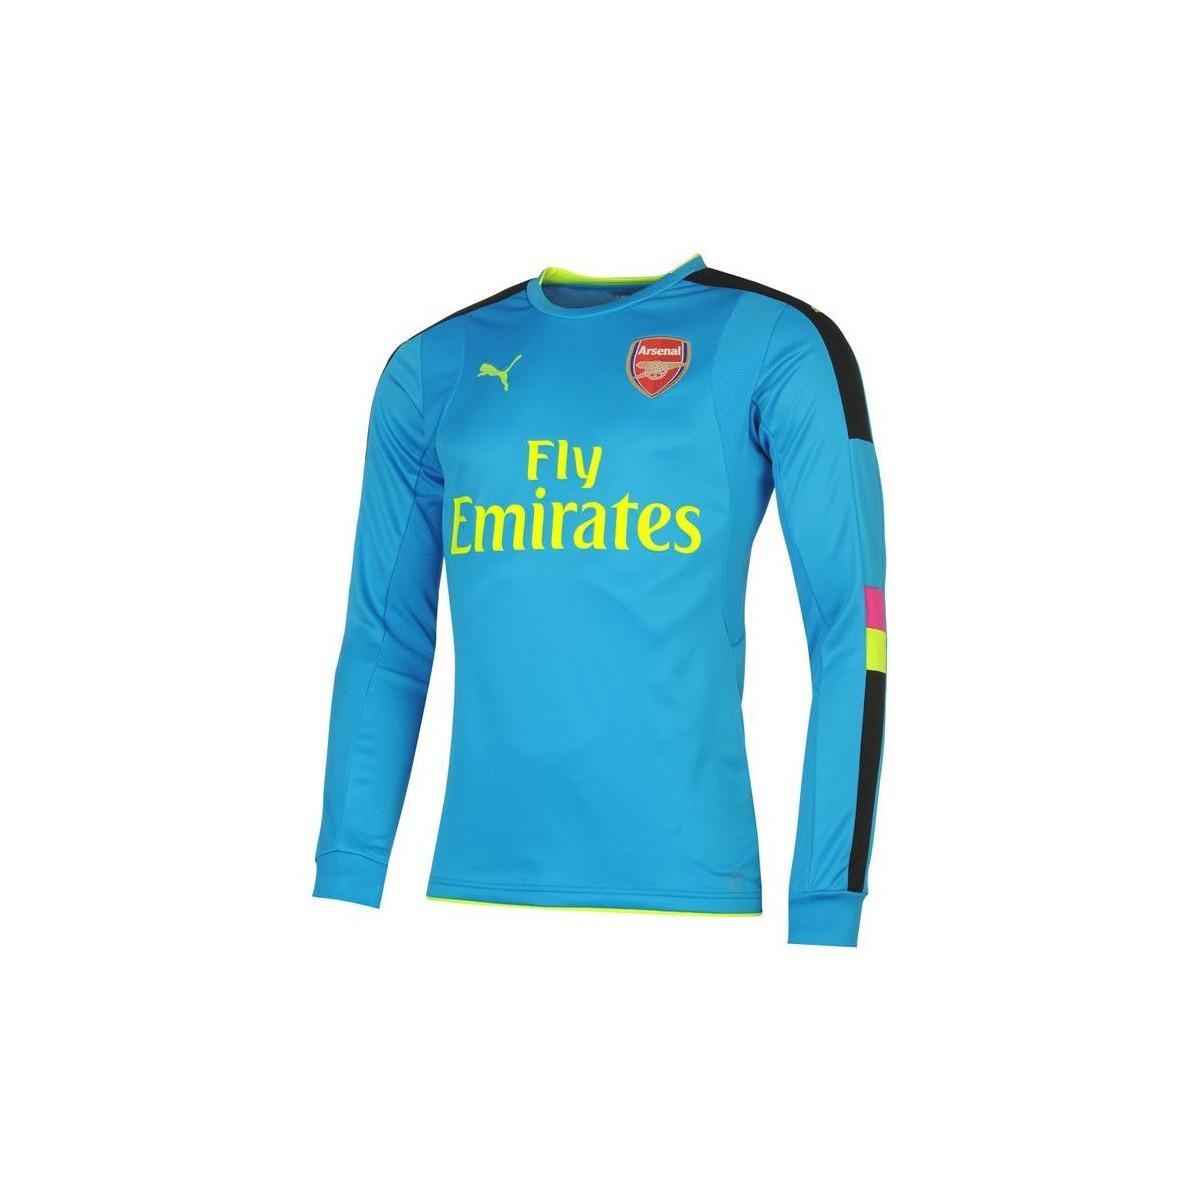 41a08c24 PUMA - 2016-17 Arsenal Away Goalkeeper Shirt (cech 33) Women's In Blue.  View fullscreen